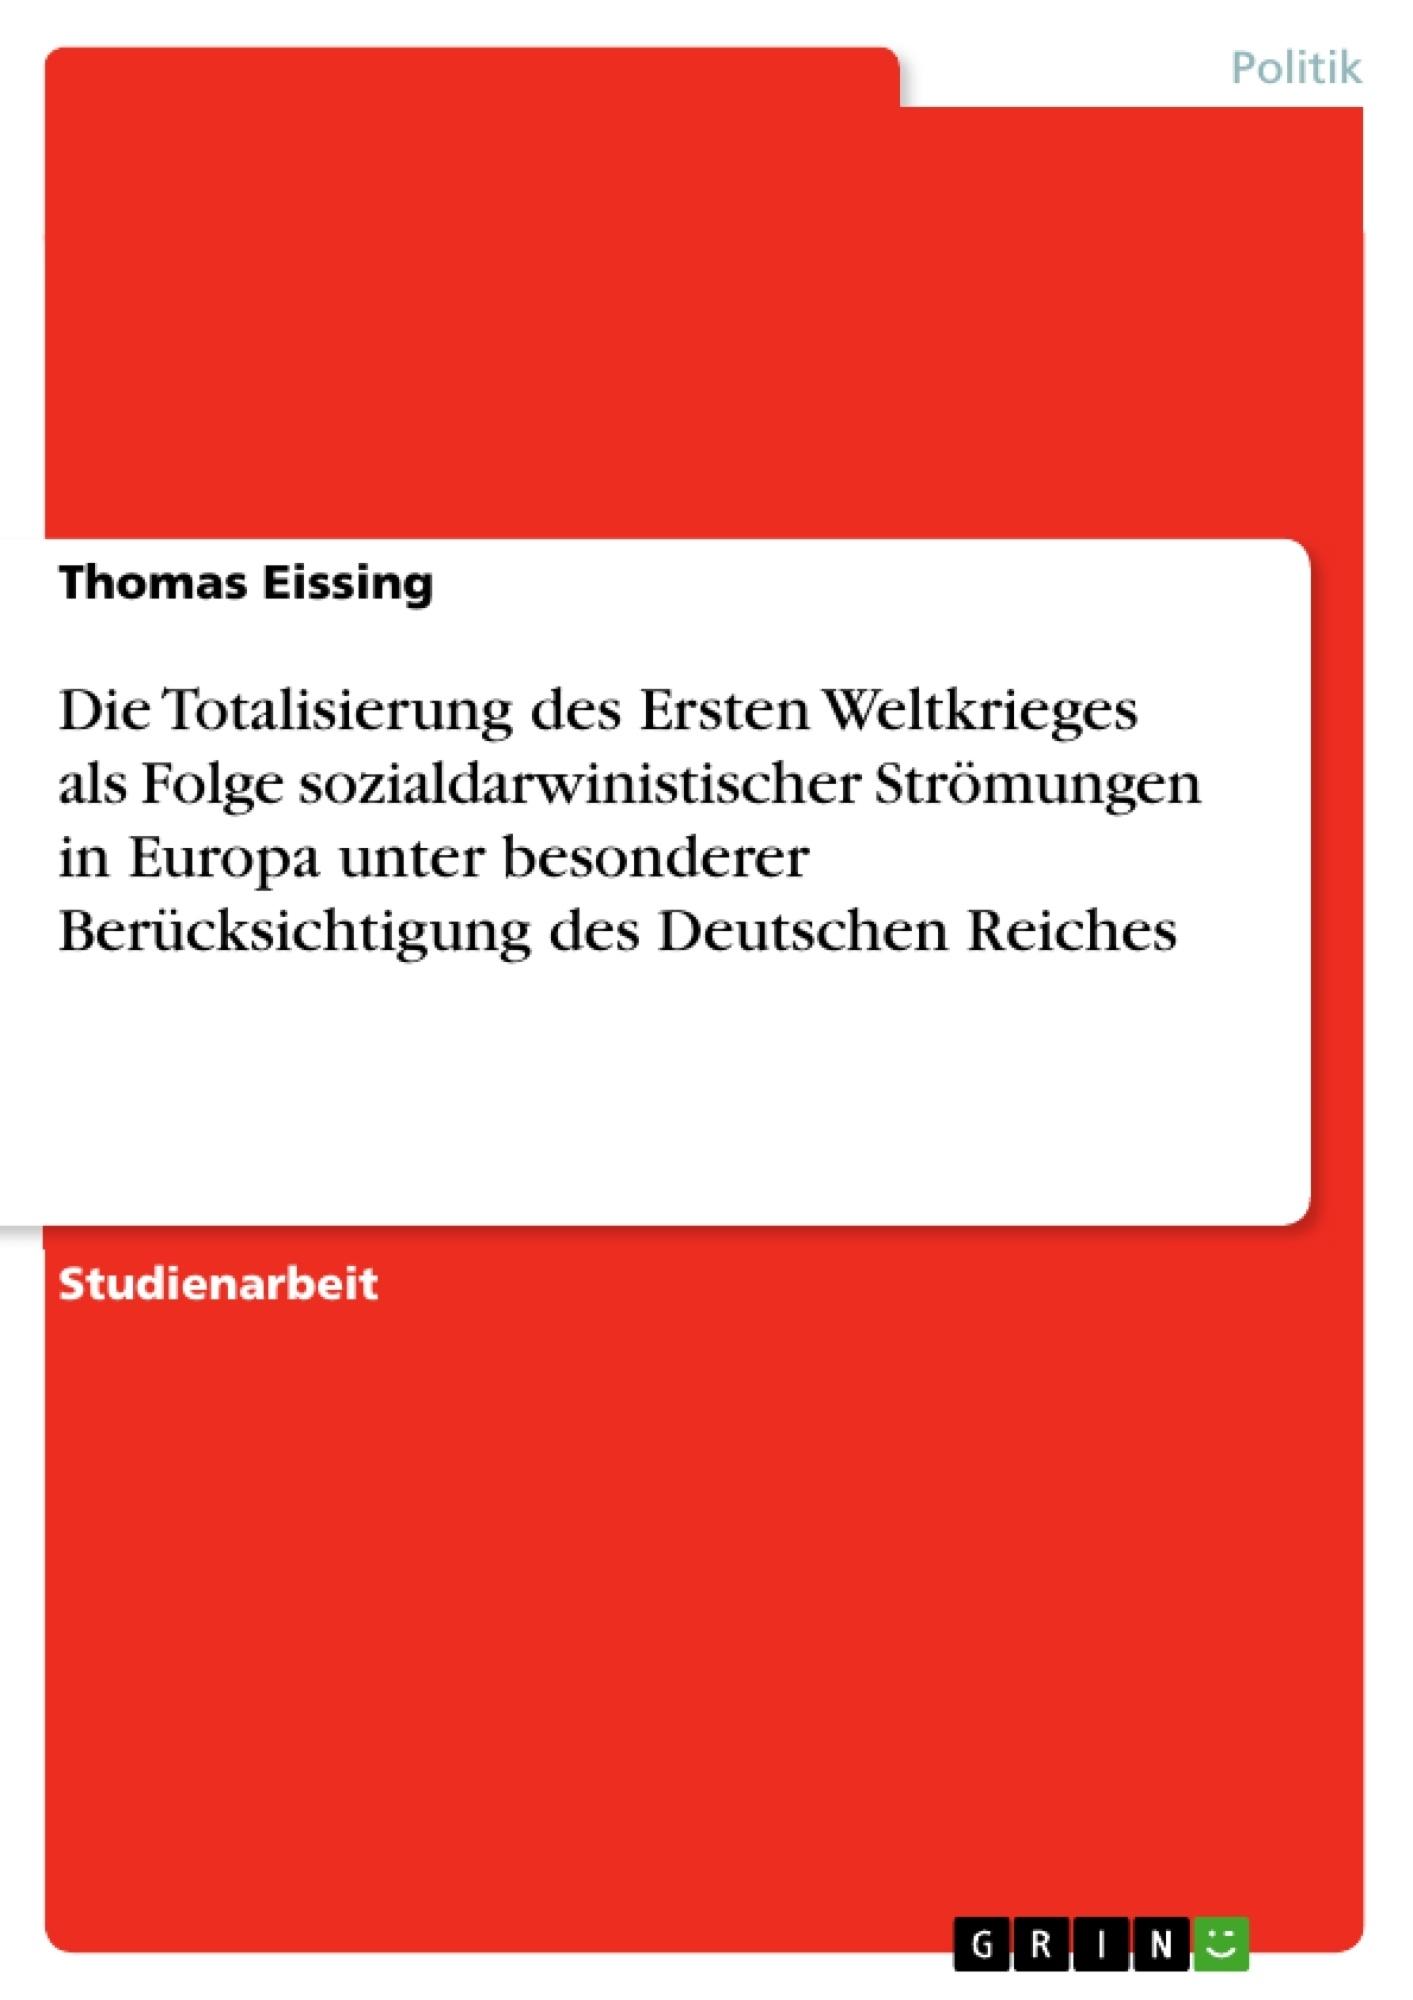 Titel: Die Totalisierung des Ersten Weltkrieges als Folge sozialdarwinistischer Strömungen in Europa unter besonderer Berücksichtigung des Deutschen Reiches